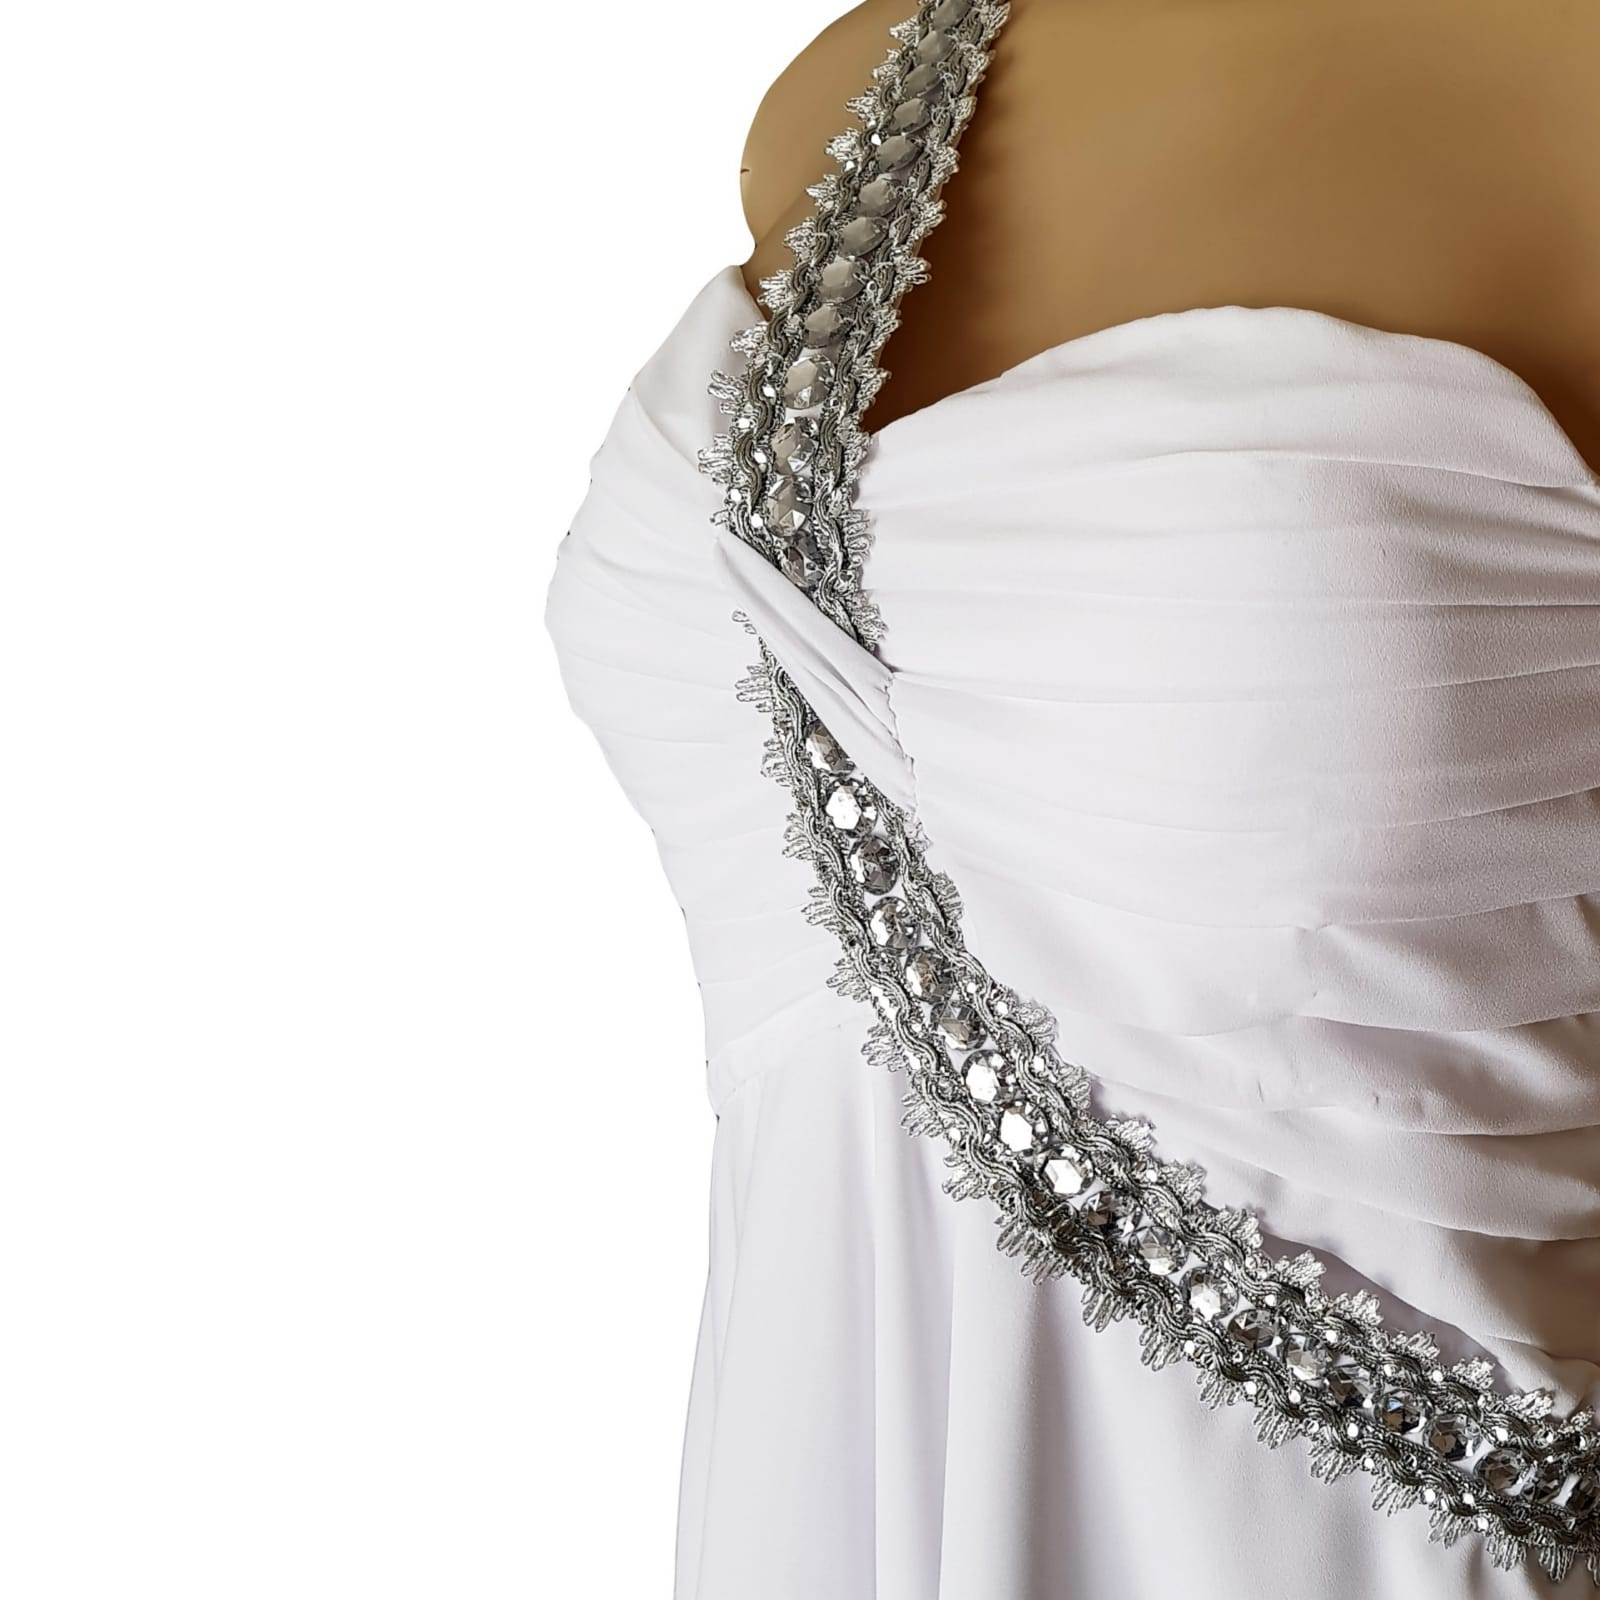 Vestido de casamento de noiva com corpete reunido 6 vestido de casamento de noiva com corpete reunido, com alça de prata em um ângulo da cintura sobre o ombro para trás. Vestido de noiva de chiffon com uma camada dupla hi lo.